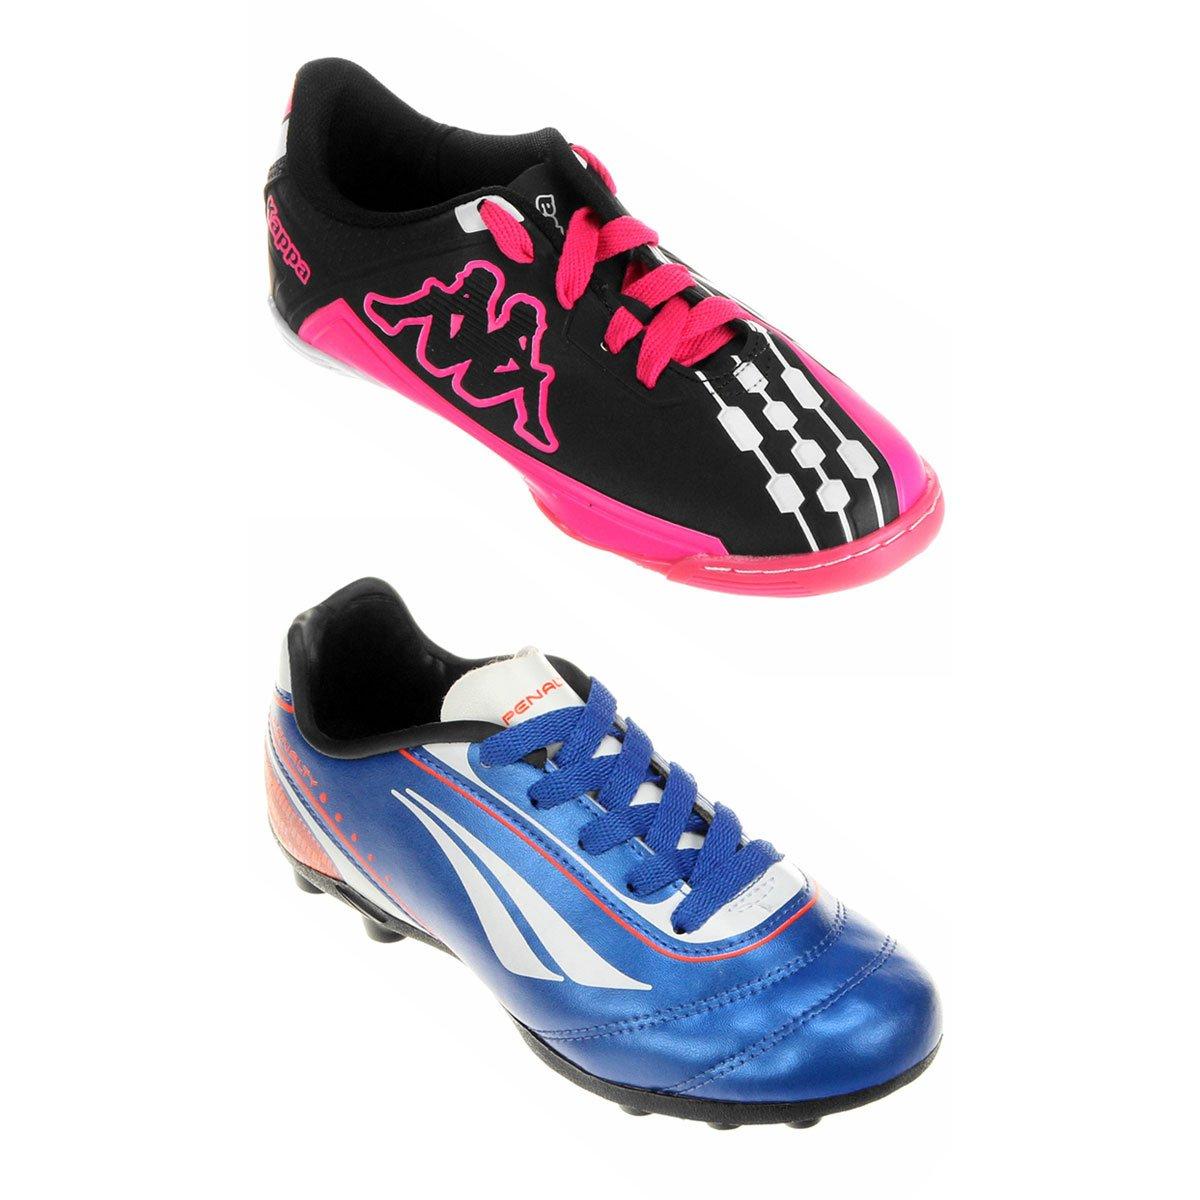 e4a94244b9 Kit Chuteira Kappa Brava Futsal Infantil + Chuteira Penalty K Soccer Matís  5 Campo Infantil - Compre Agora